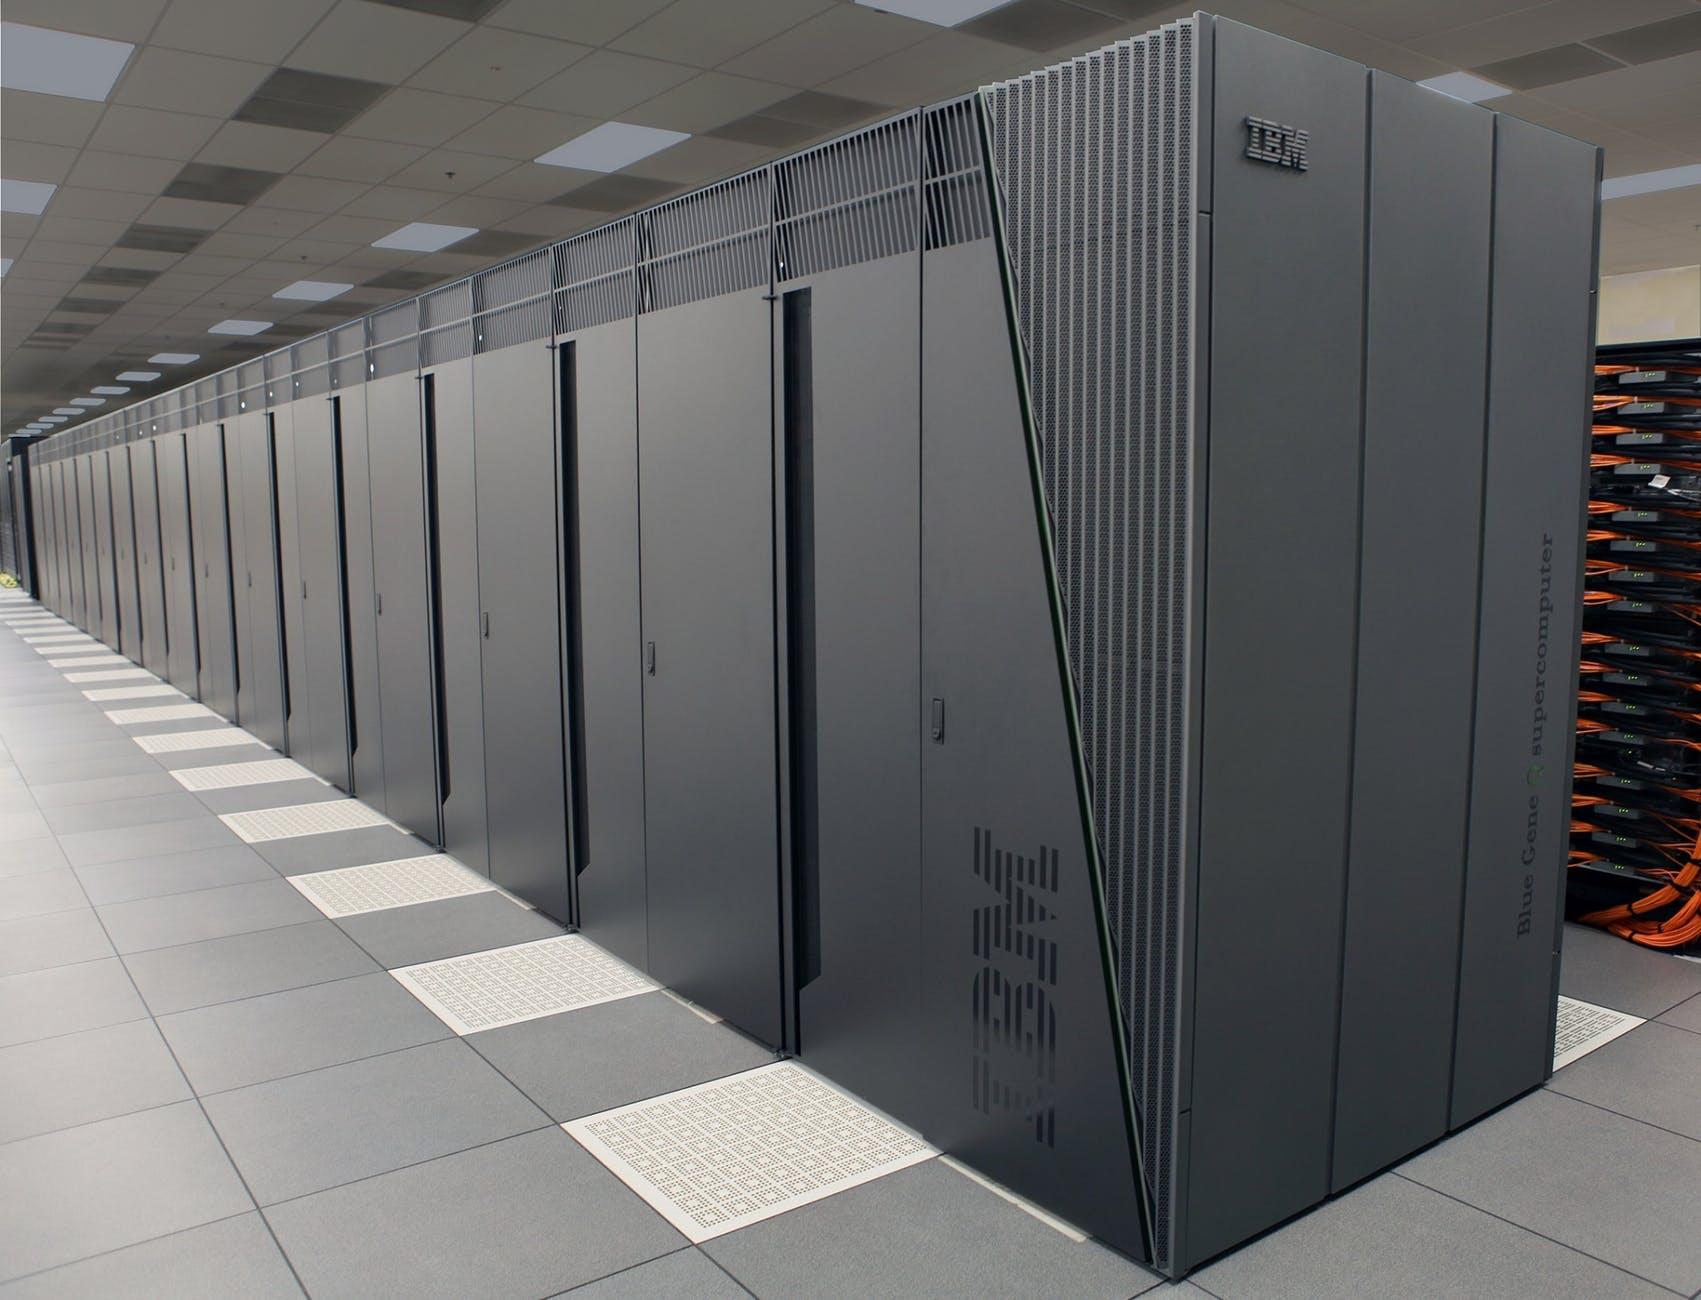 servidor-blade-definicion-caracteristicas-y-ventajas